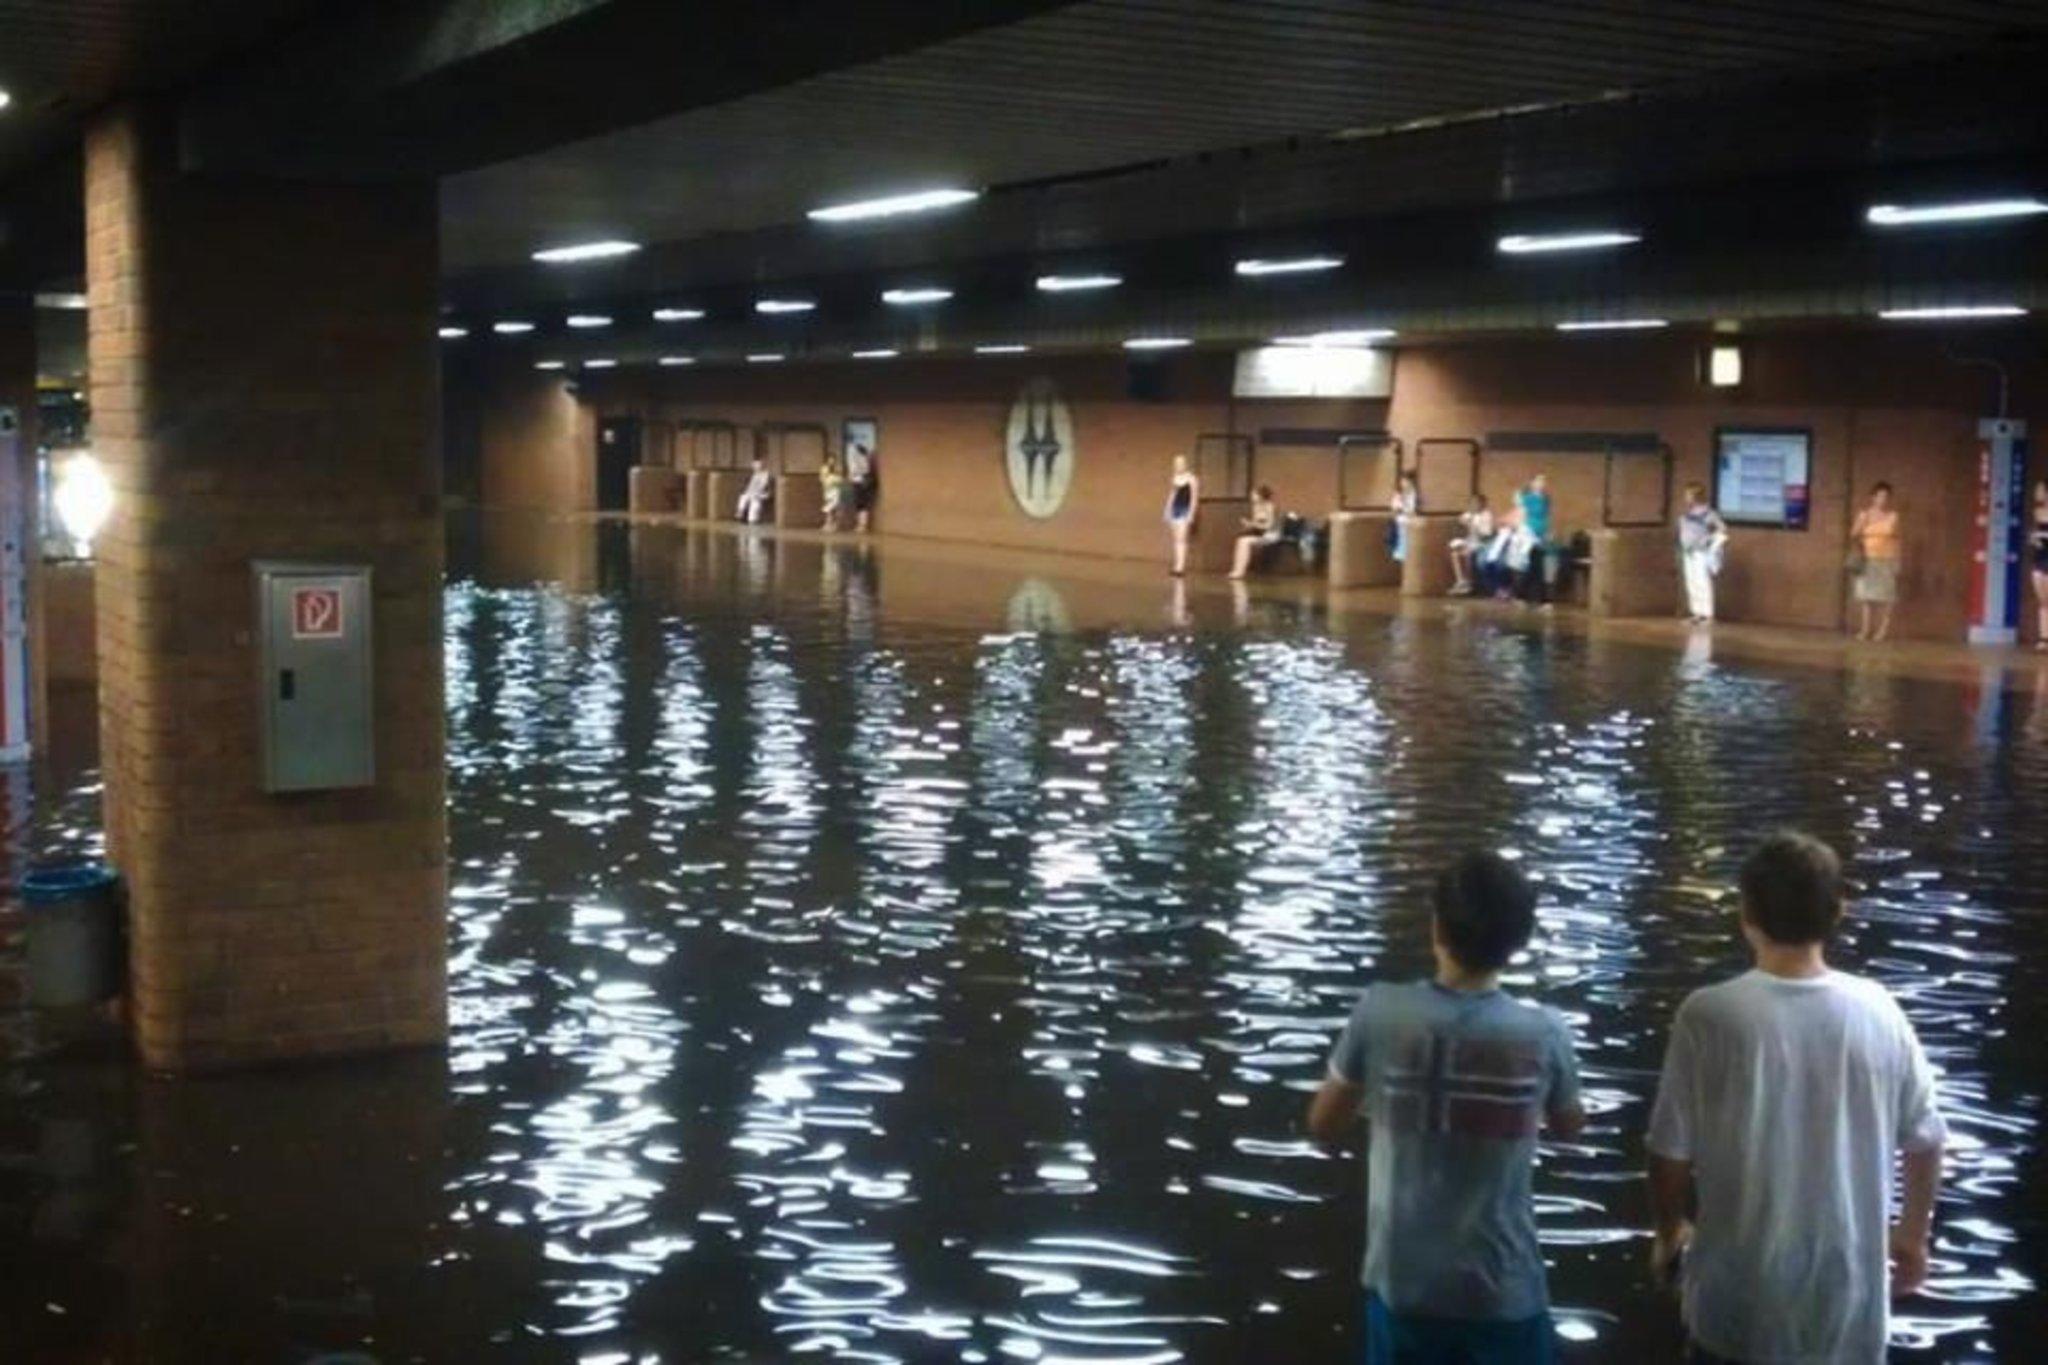 Neues schwimmbad hauptbahnhof unter wasser m lheim an for Schwimmbad mulheim an der ruhr